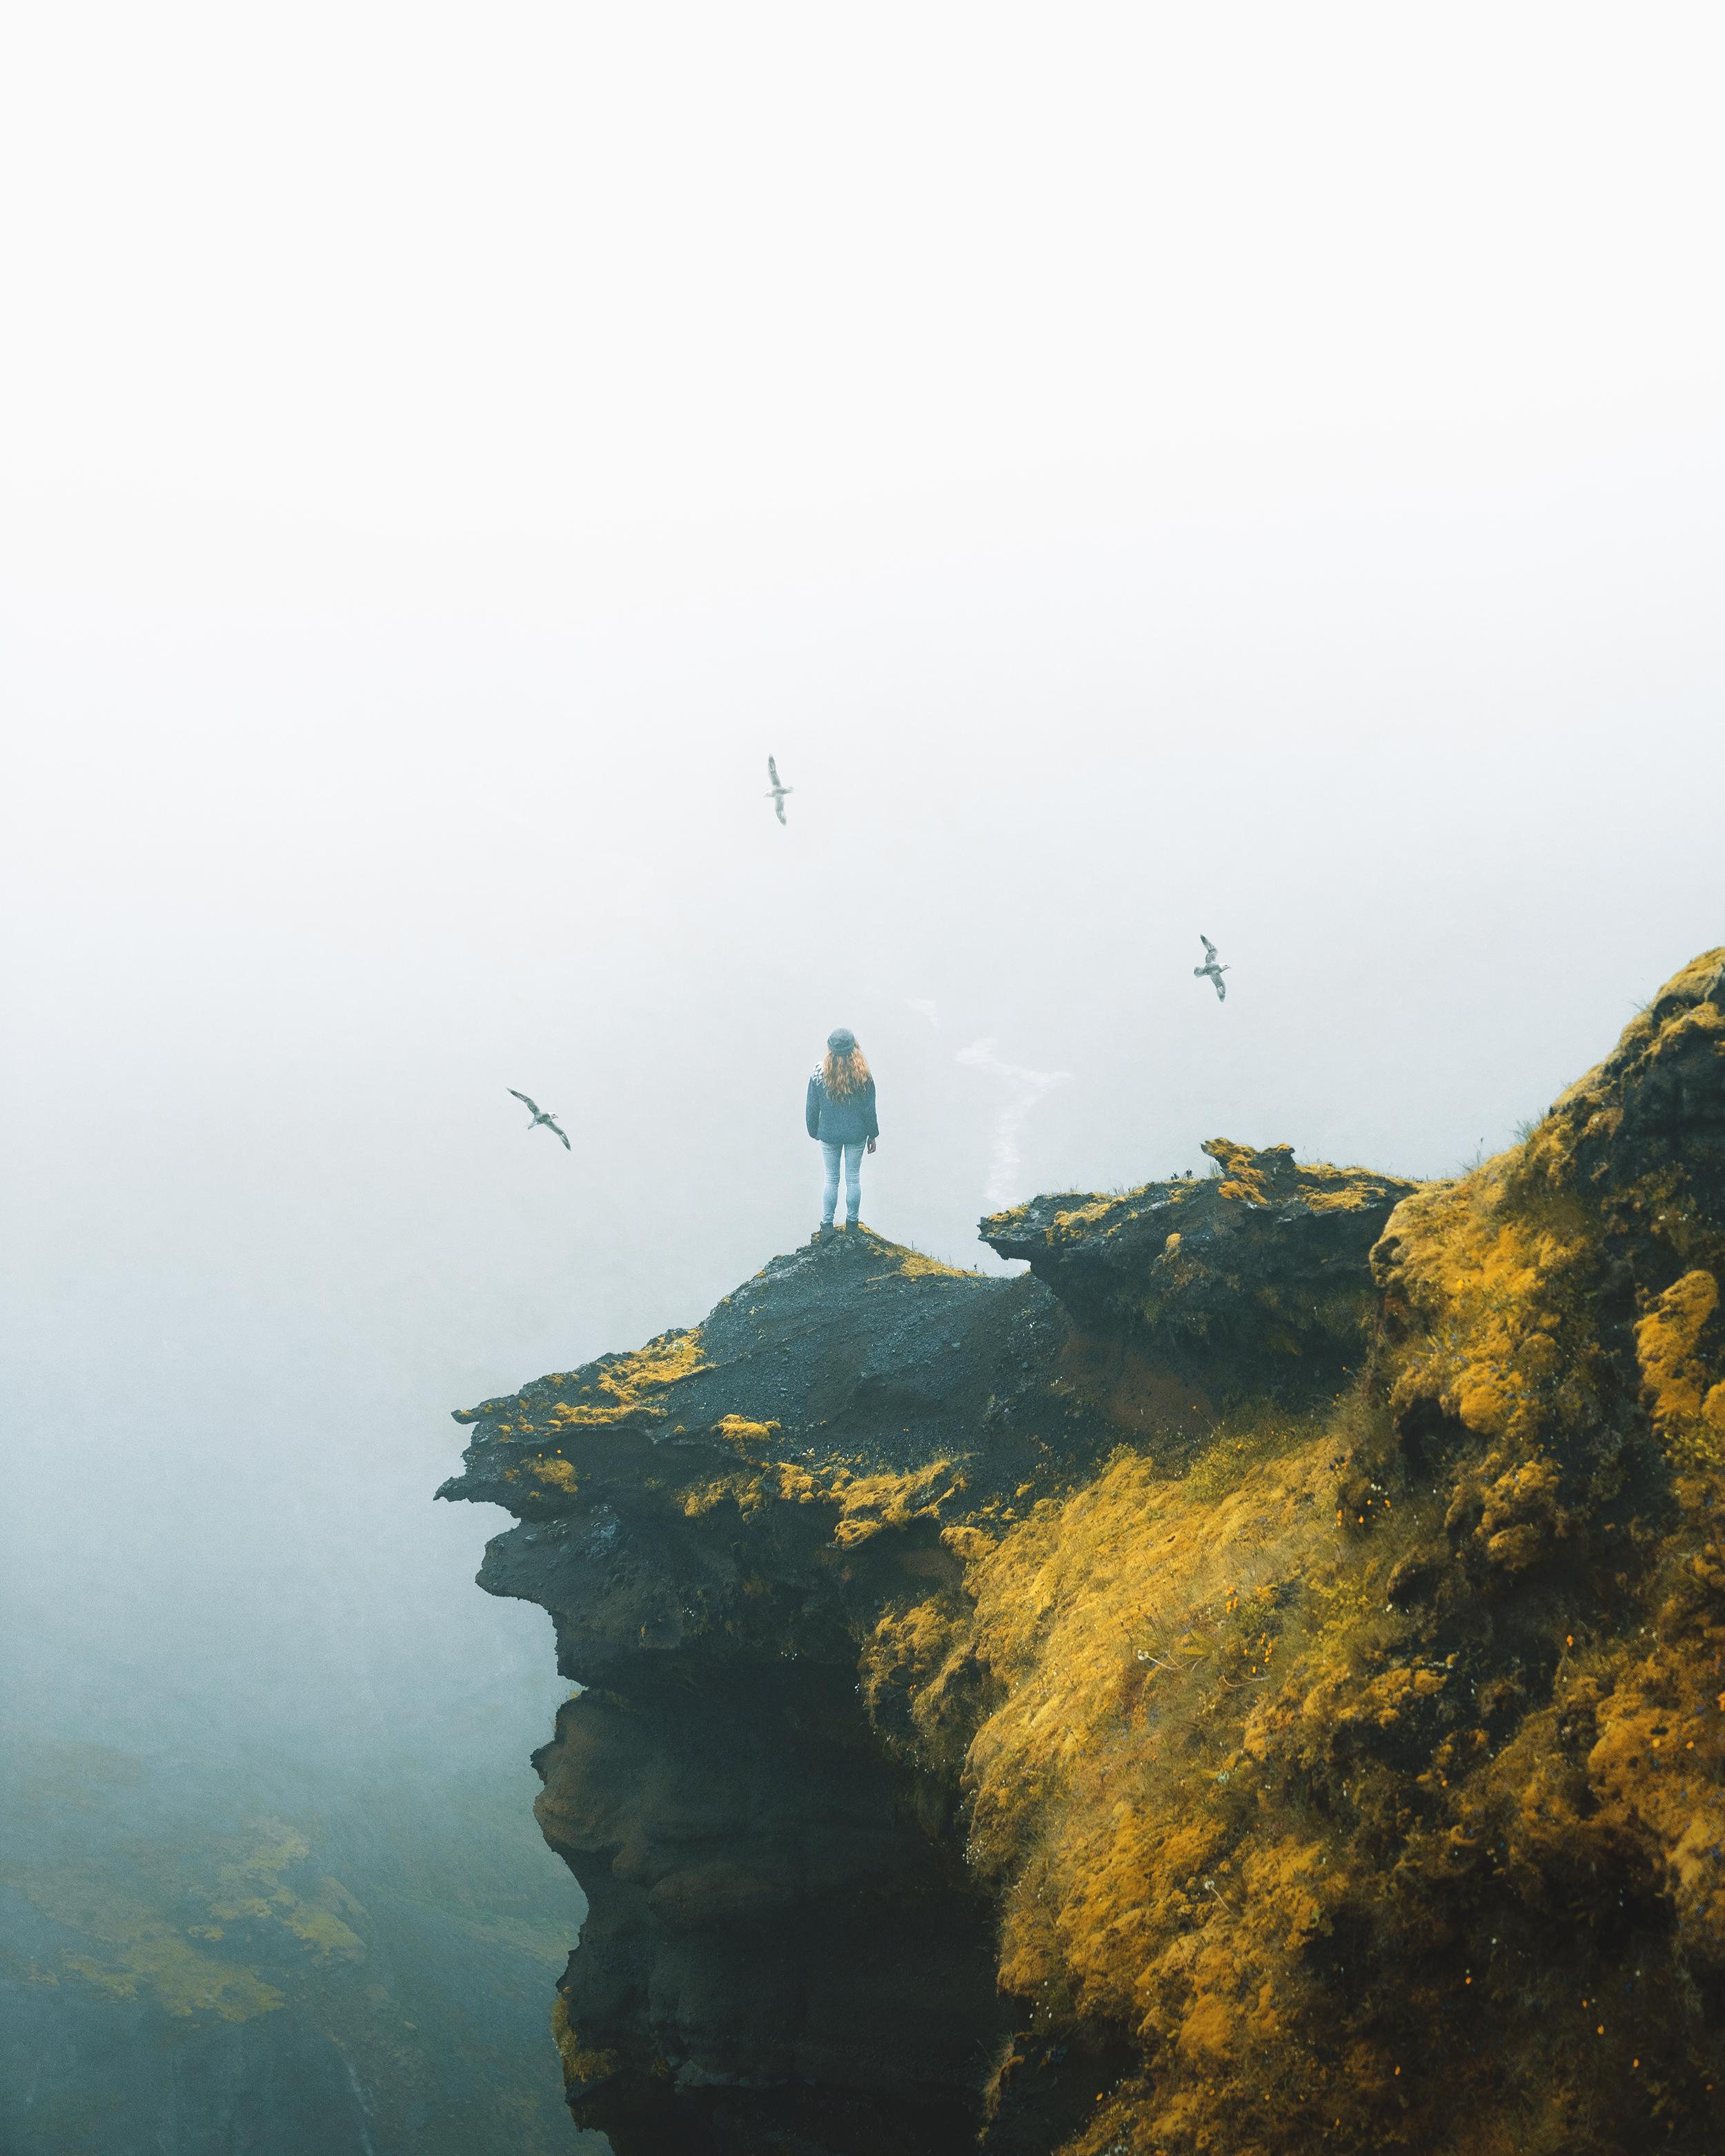 charlotte-little-wolf-Iceland-Thorsmork-hiker-birds-moss-fog.jpg